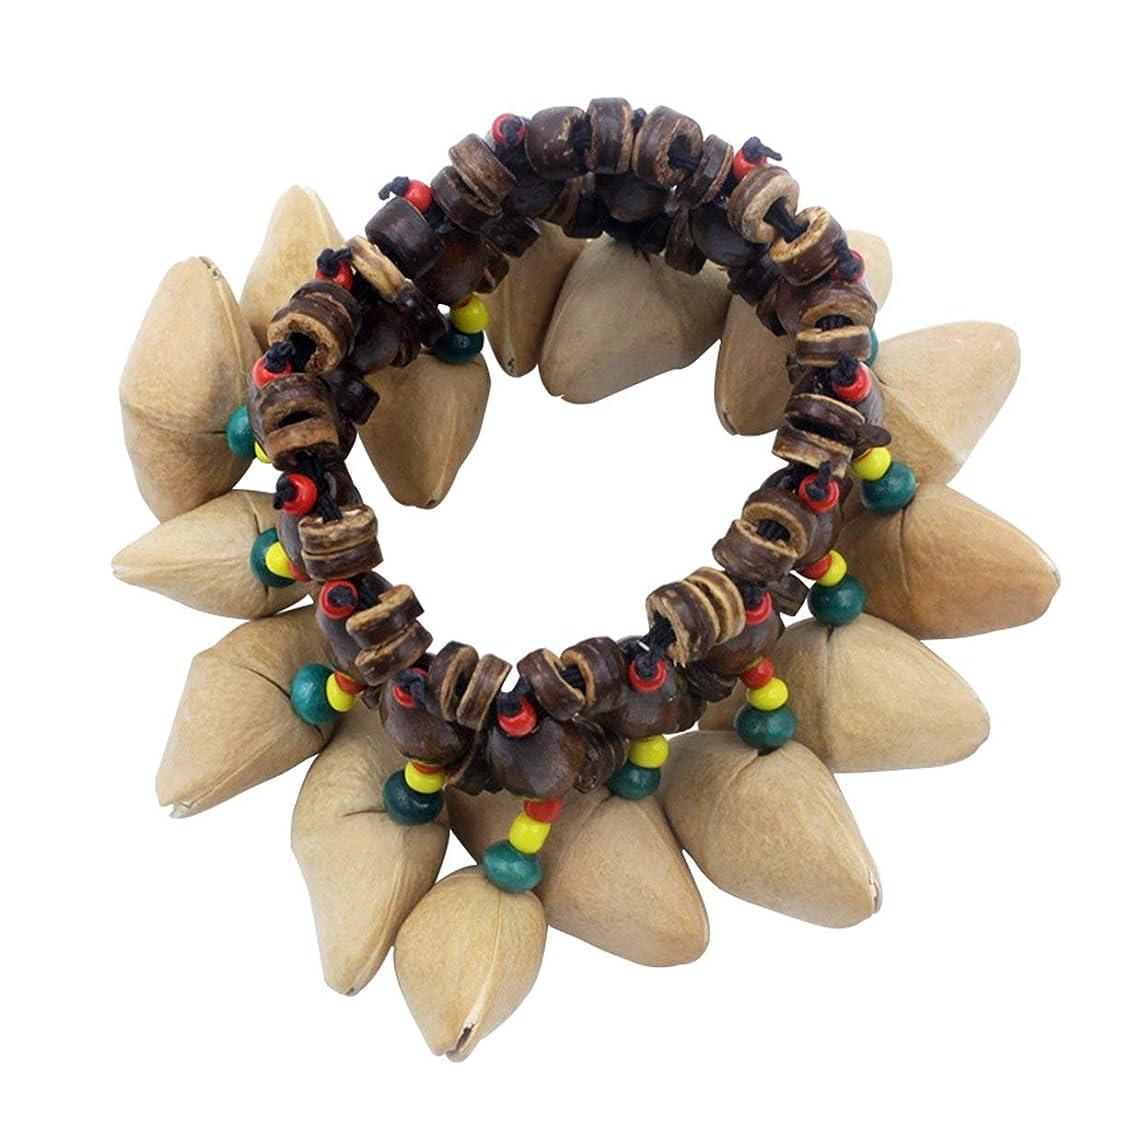 相対サイズ六分儀脈拍Dora Nutshell African Drum Hand Bell Drum Musical Instrument Bell Accessories-Wood Color